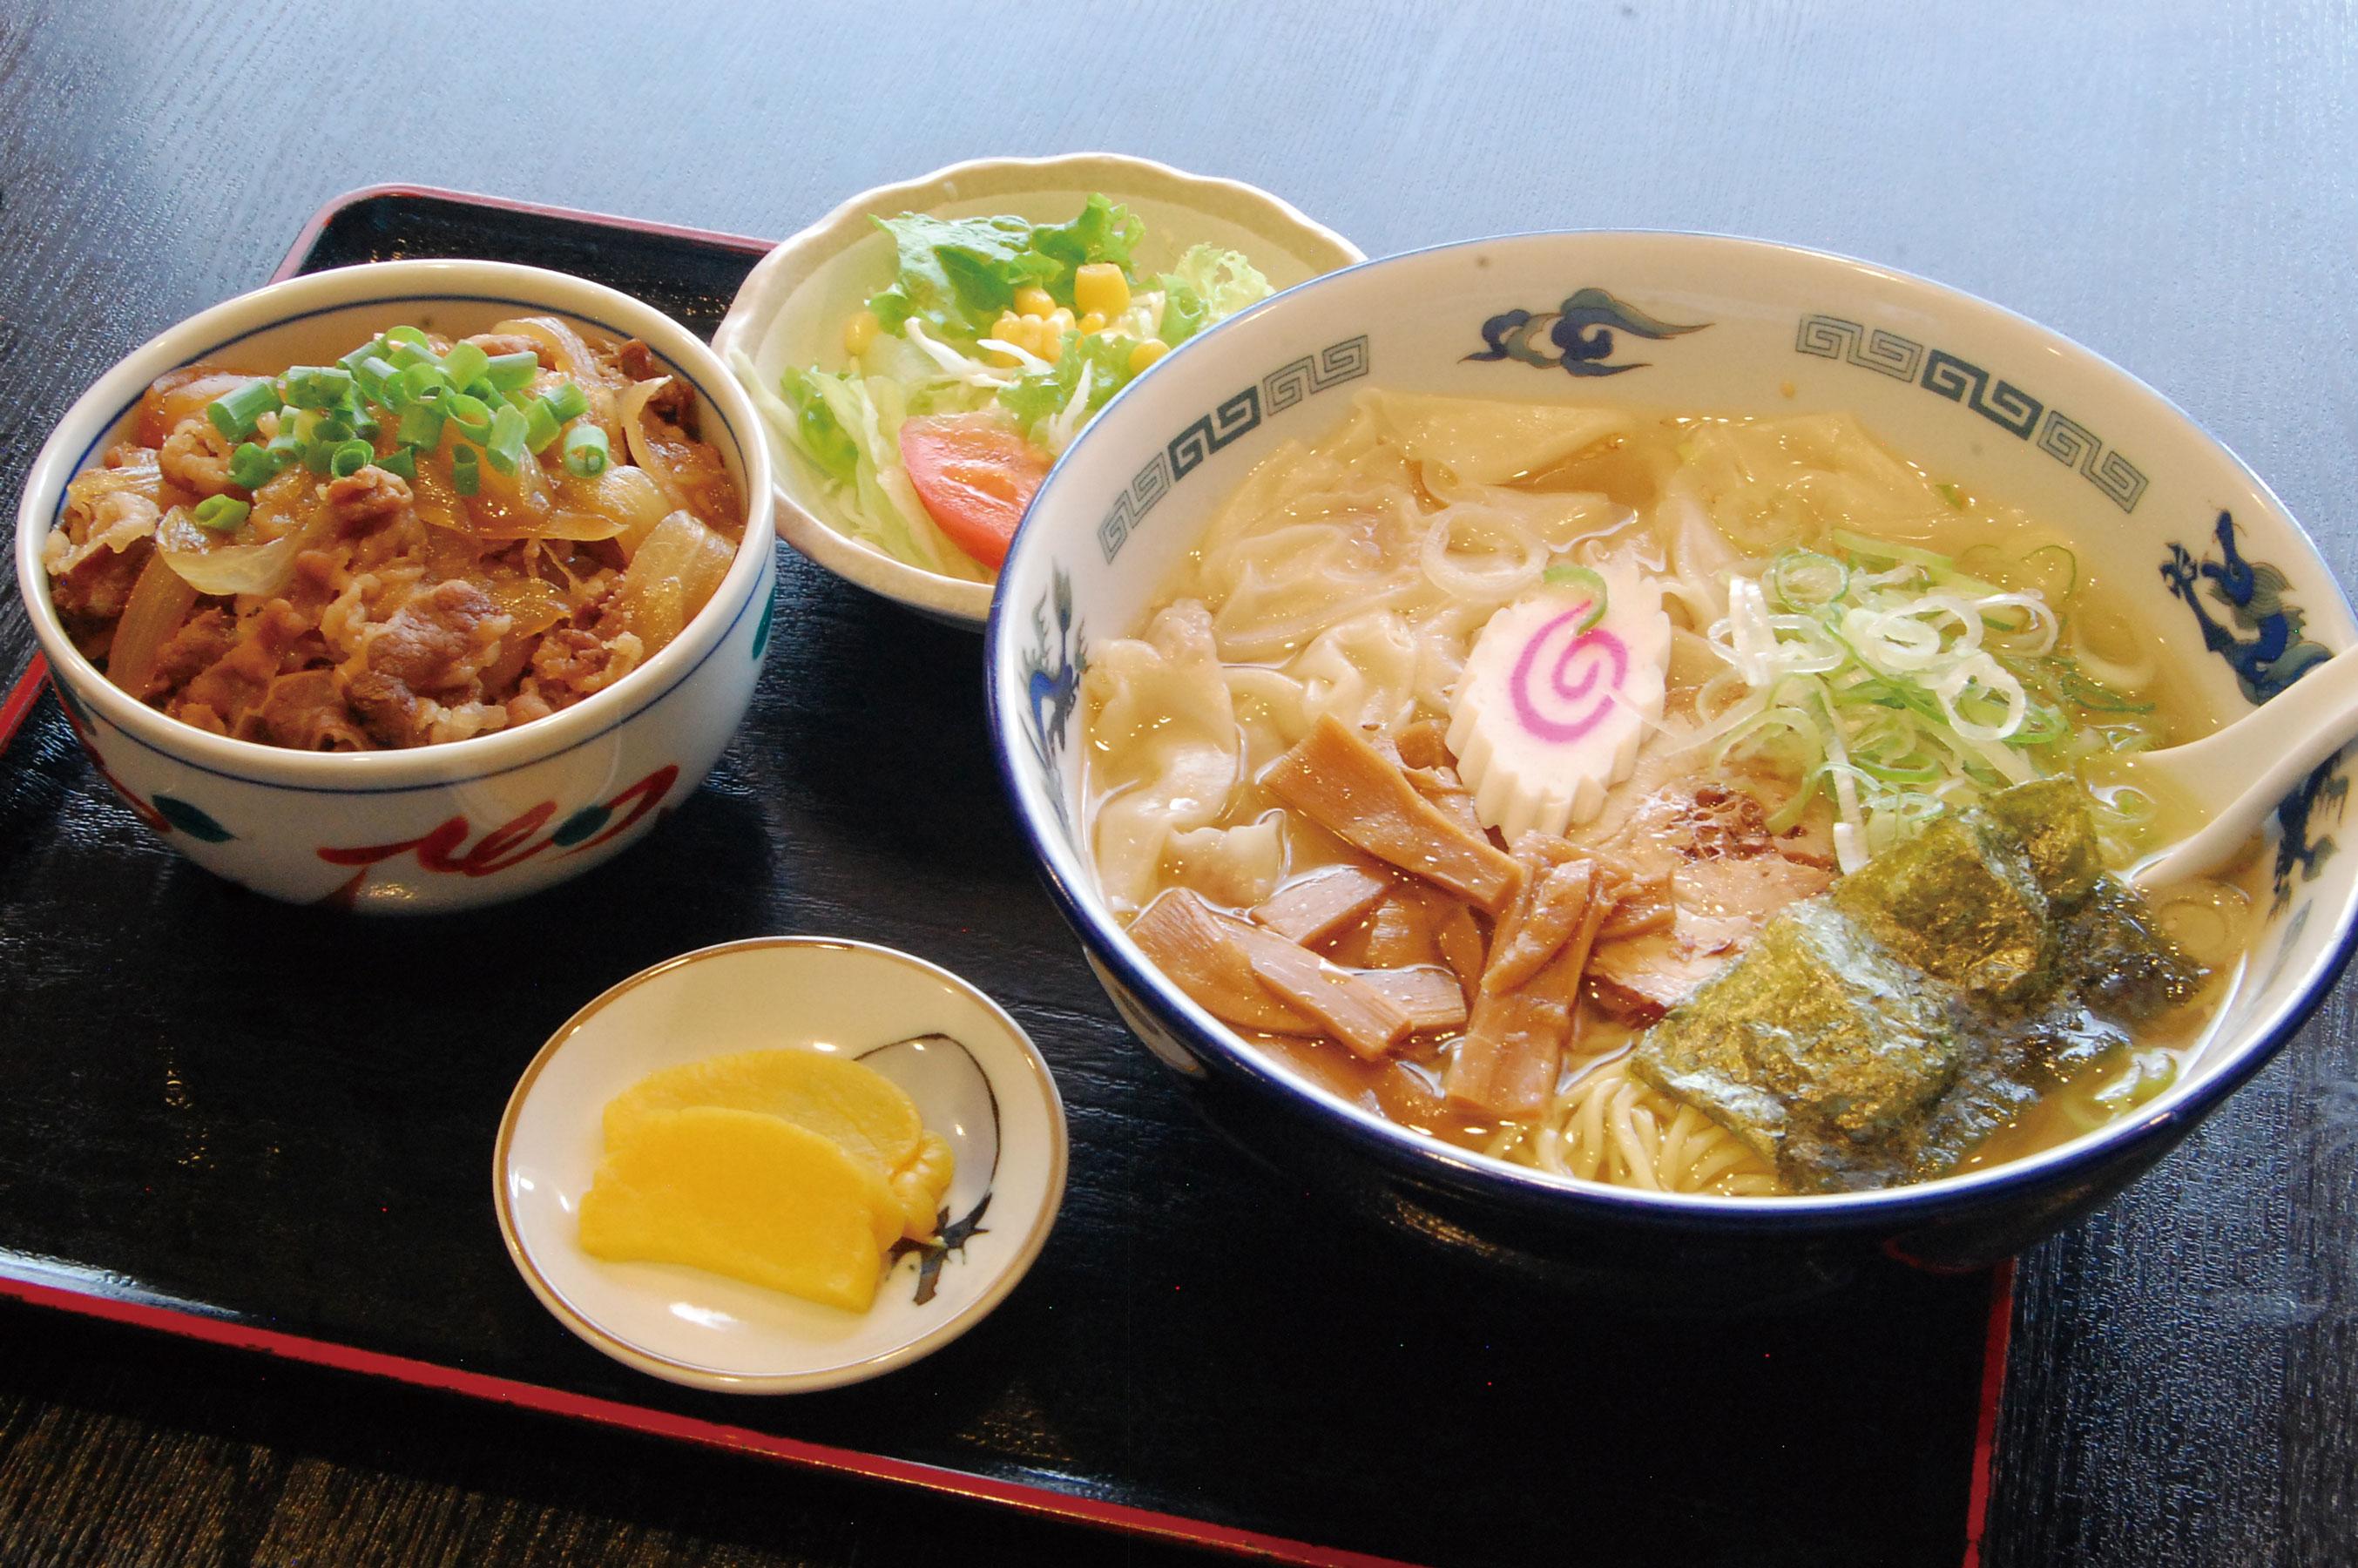 「いのししセット(944円)」。らーめんとミニ牛丼のセットです。らーめんはお好きな麺に変更可(差額が必要)。写真はらーめんを塩ワンタンめんに変更